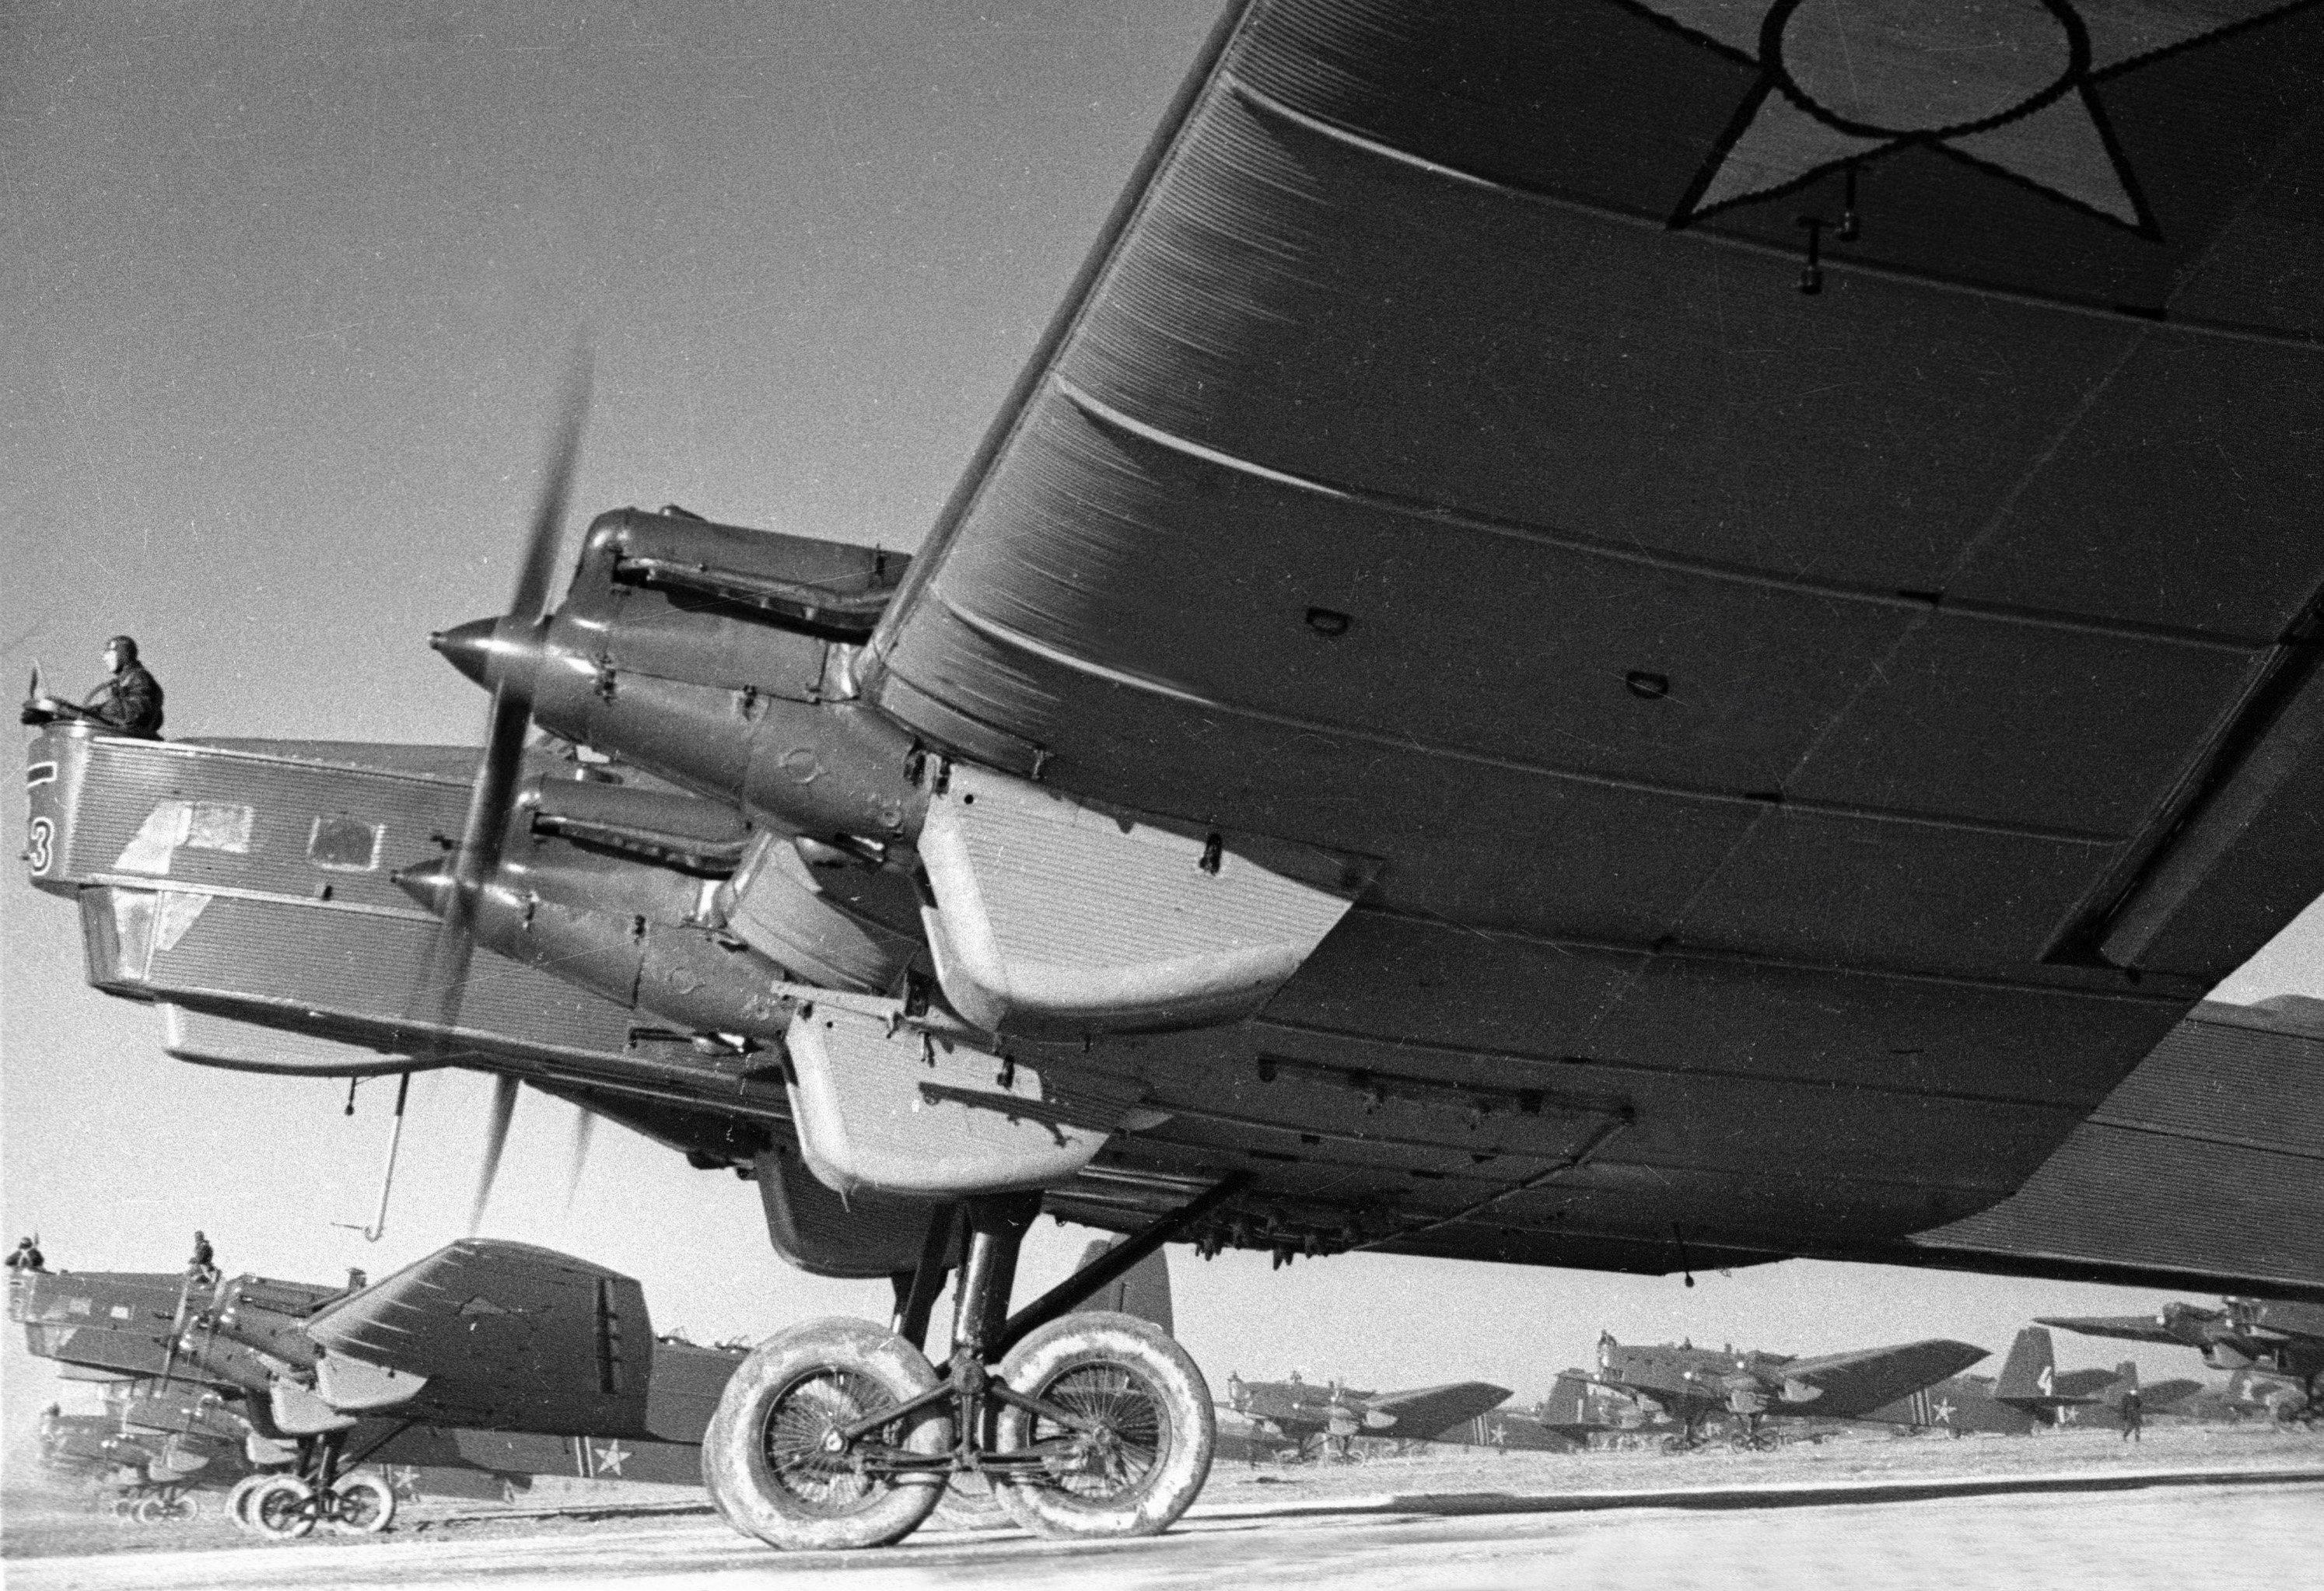 ANT-6四引擎重型轰炸机